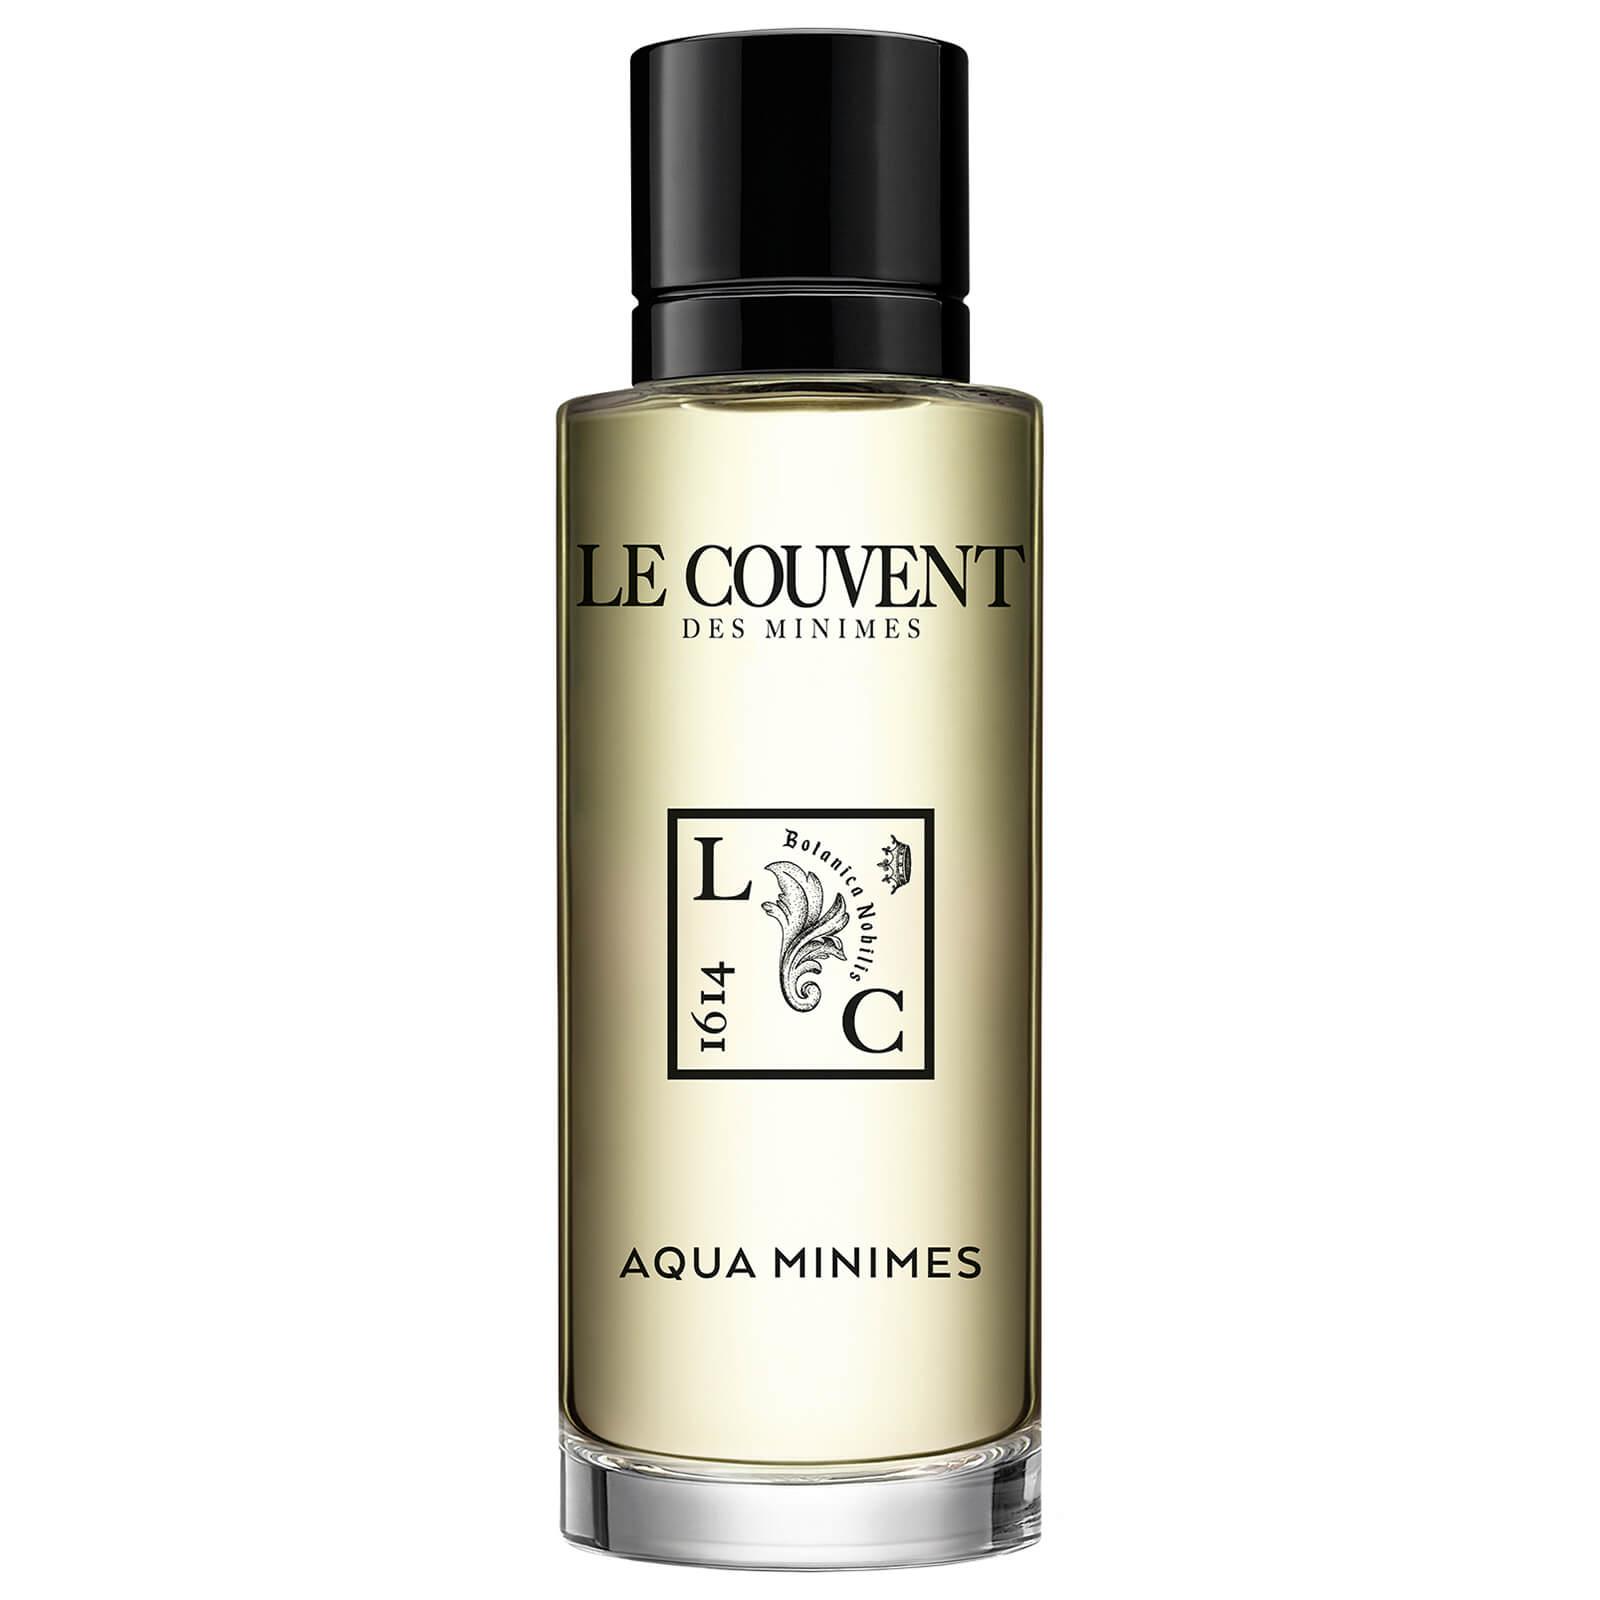 Le Couvent des Minimes Colognes Botaniques Aqua Minimes (Various Sizes) - 100ml